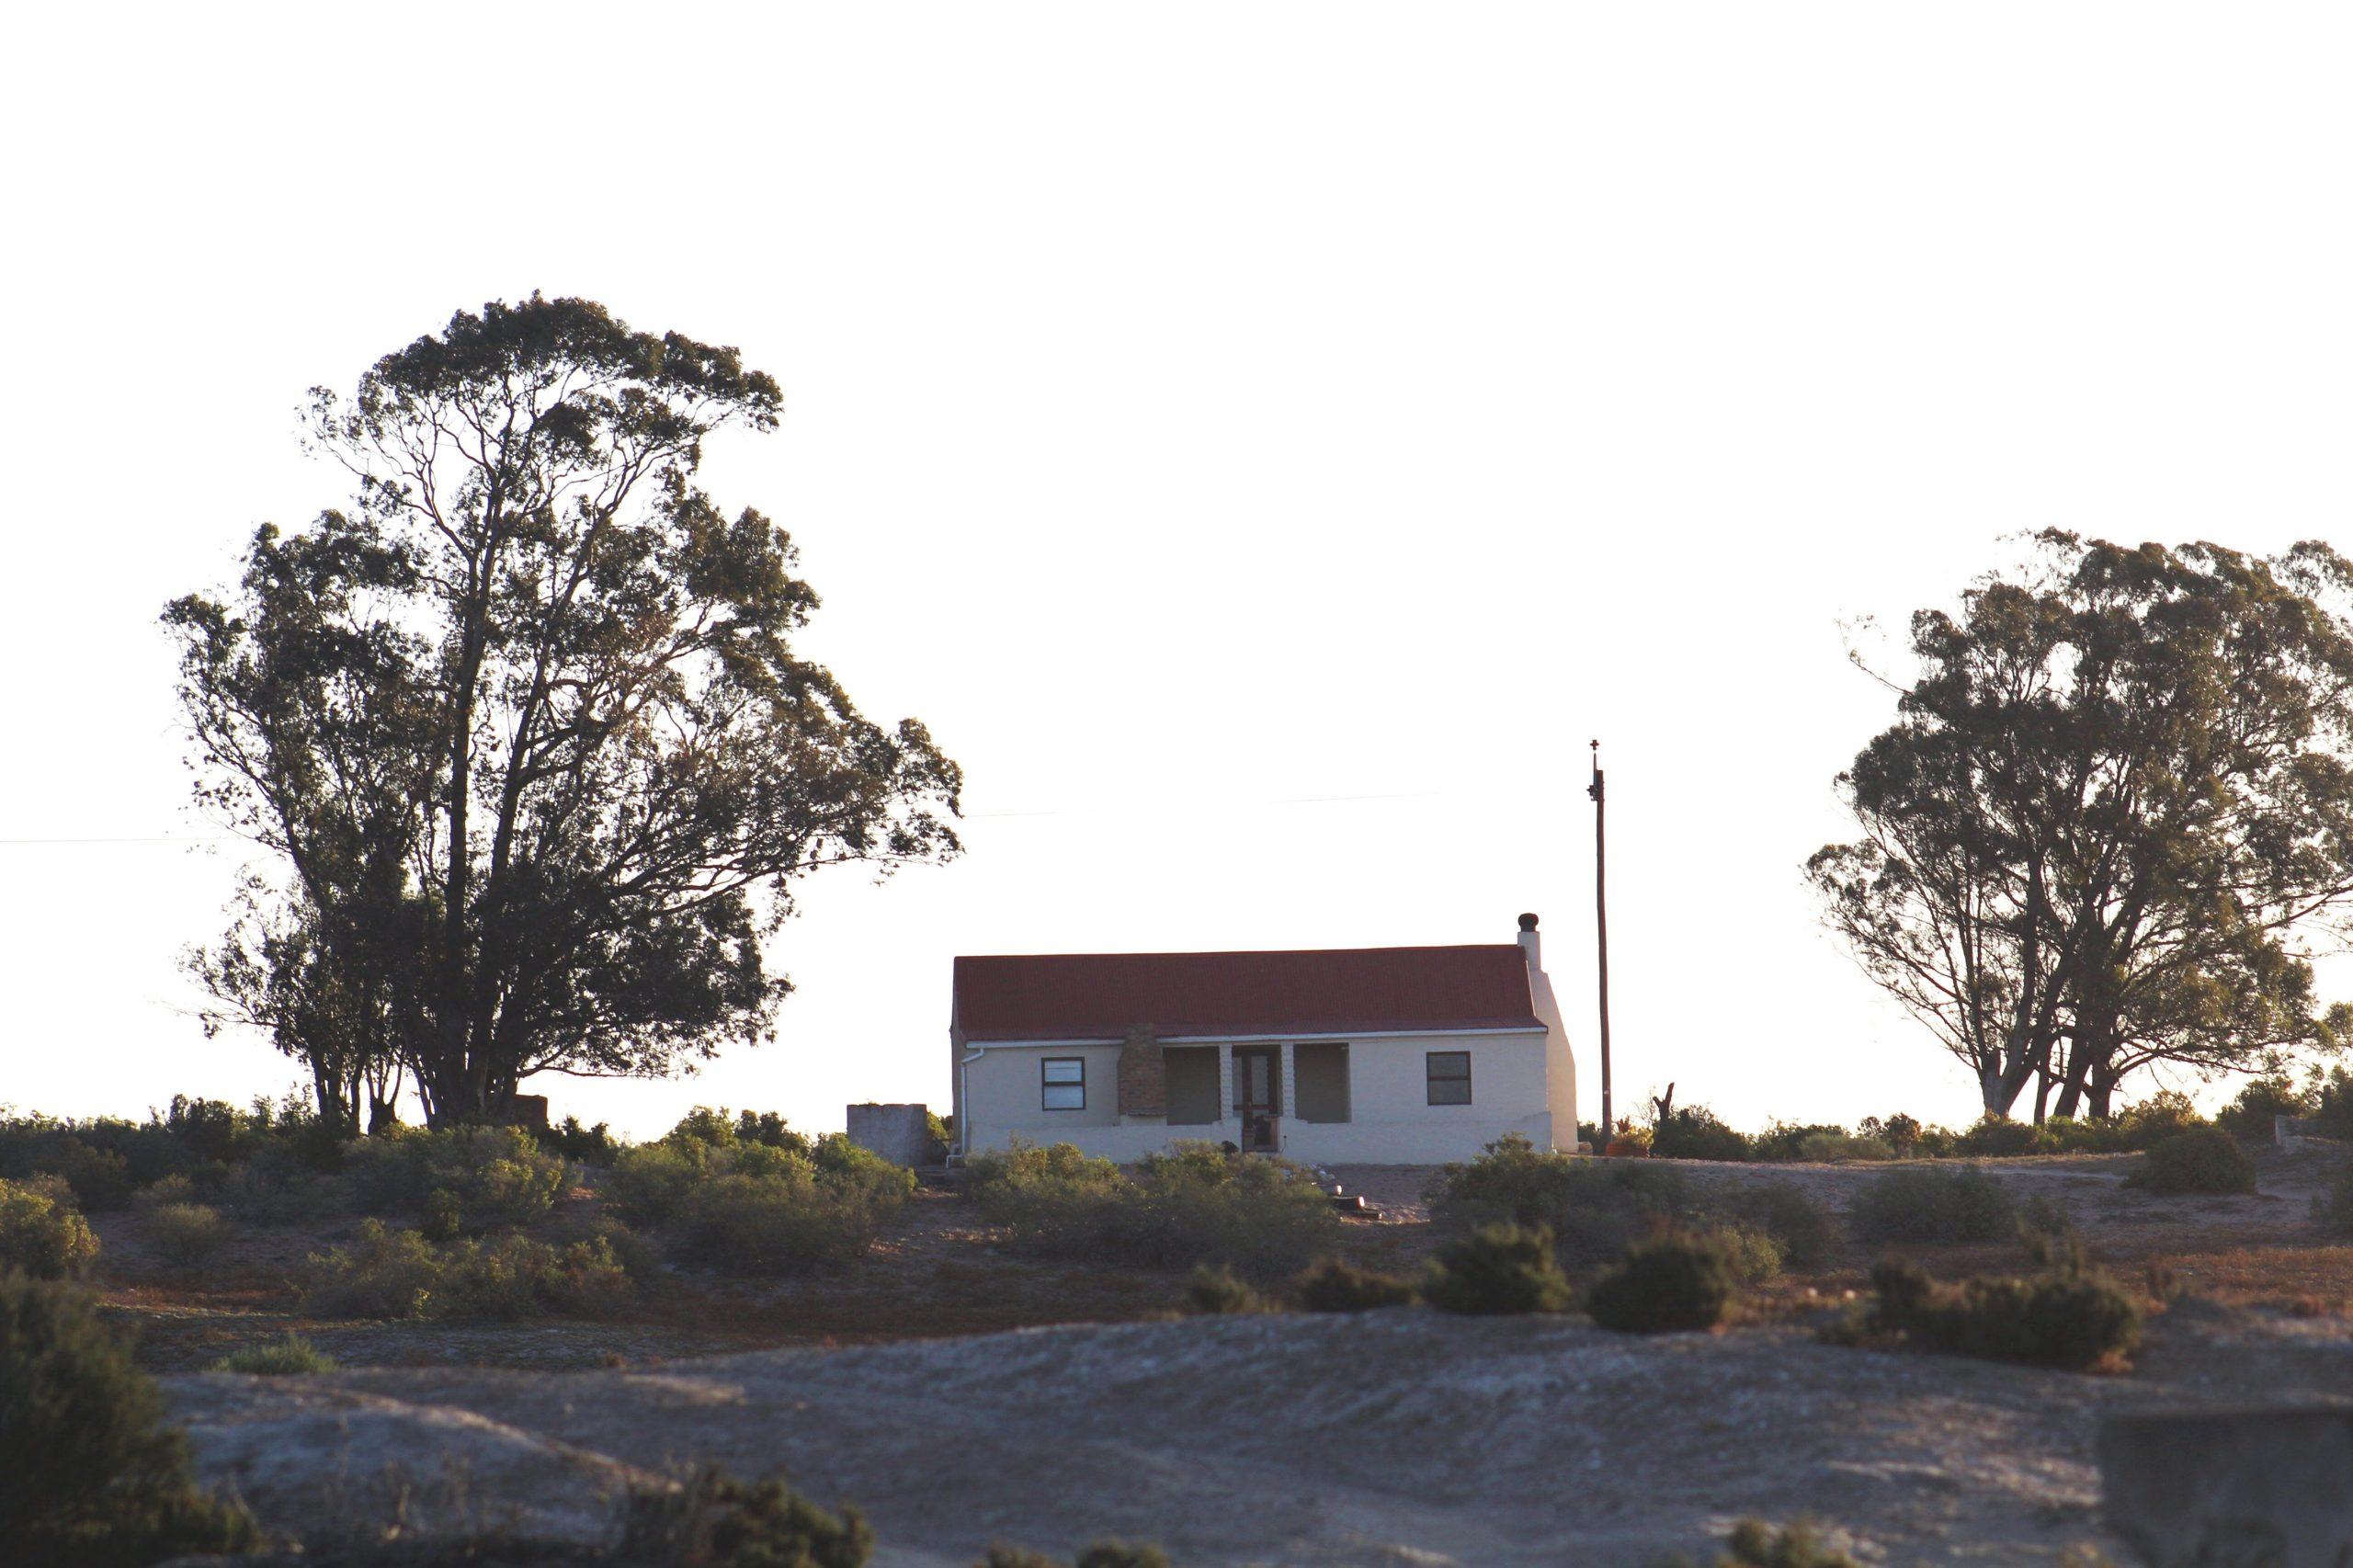 Kuifkopvisvanger - Kuifkopvisvanger Cottage in Velddrif, Berg River 16